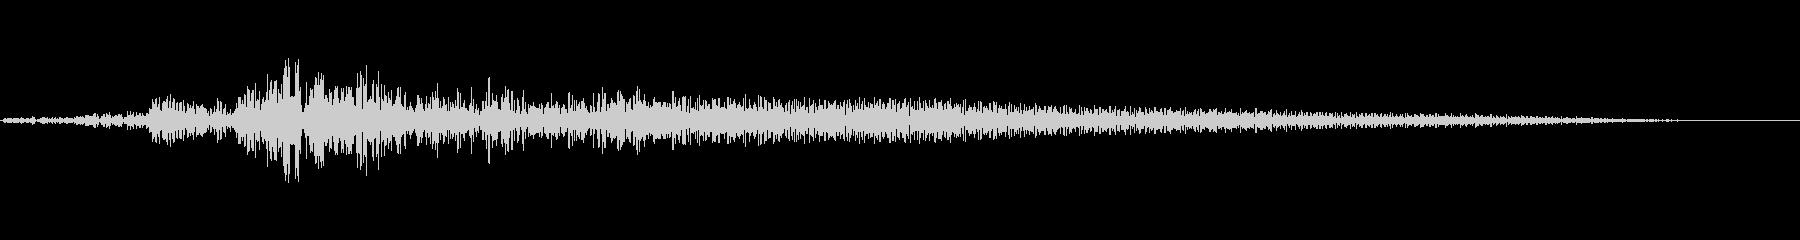 オリンピックダム、メタルグローンマ...の未再生の波形